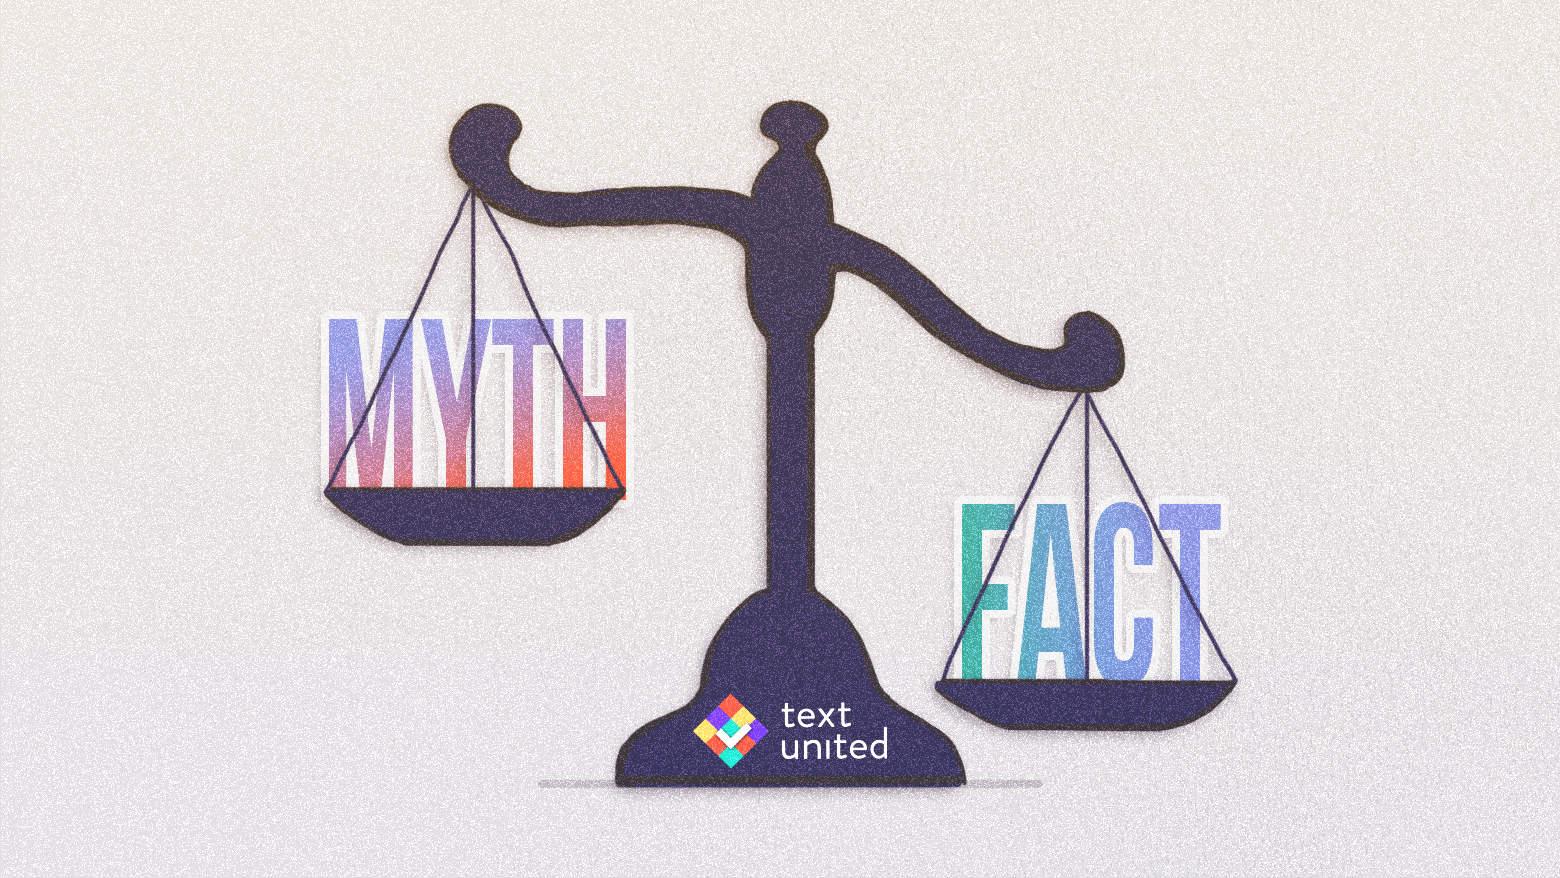 5 Myths About Website Translation